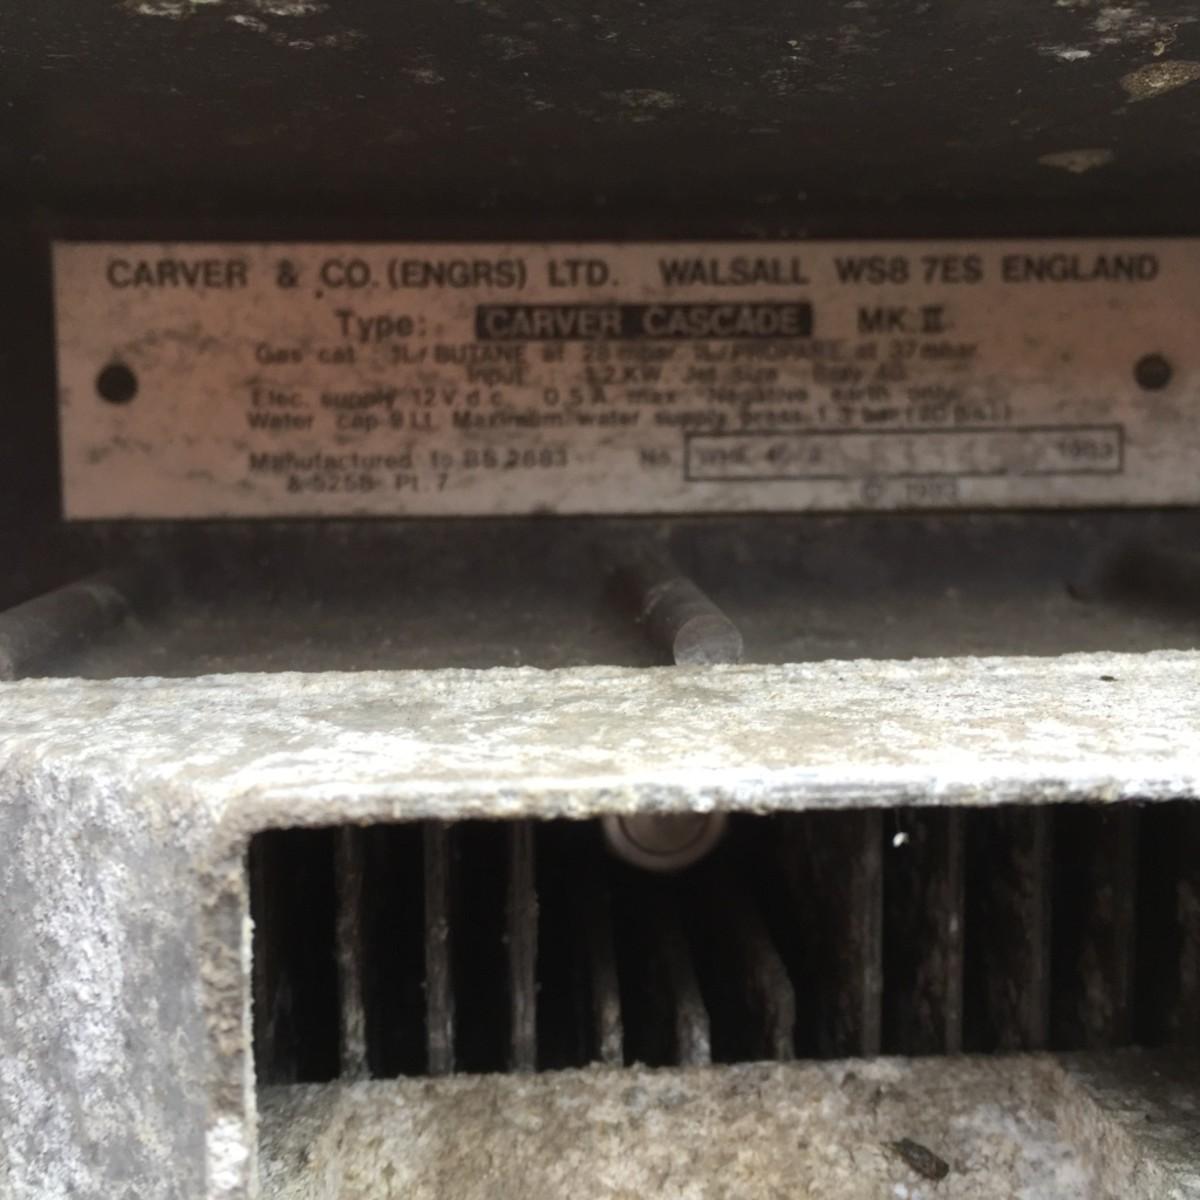 The Carver Cascade tech plate